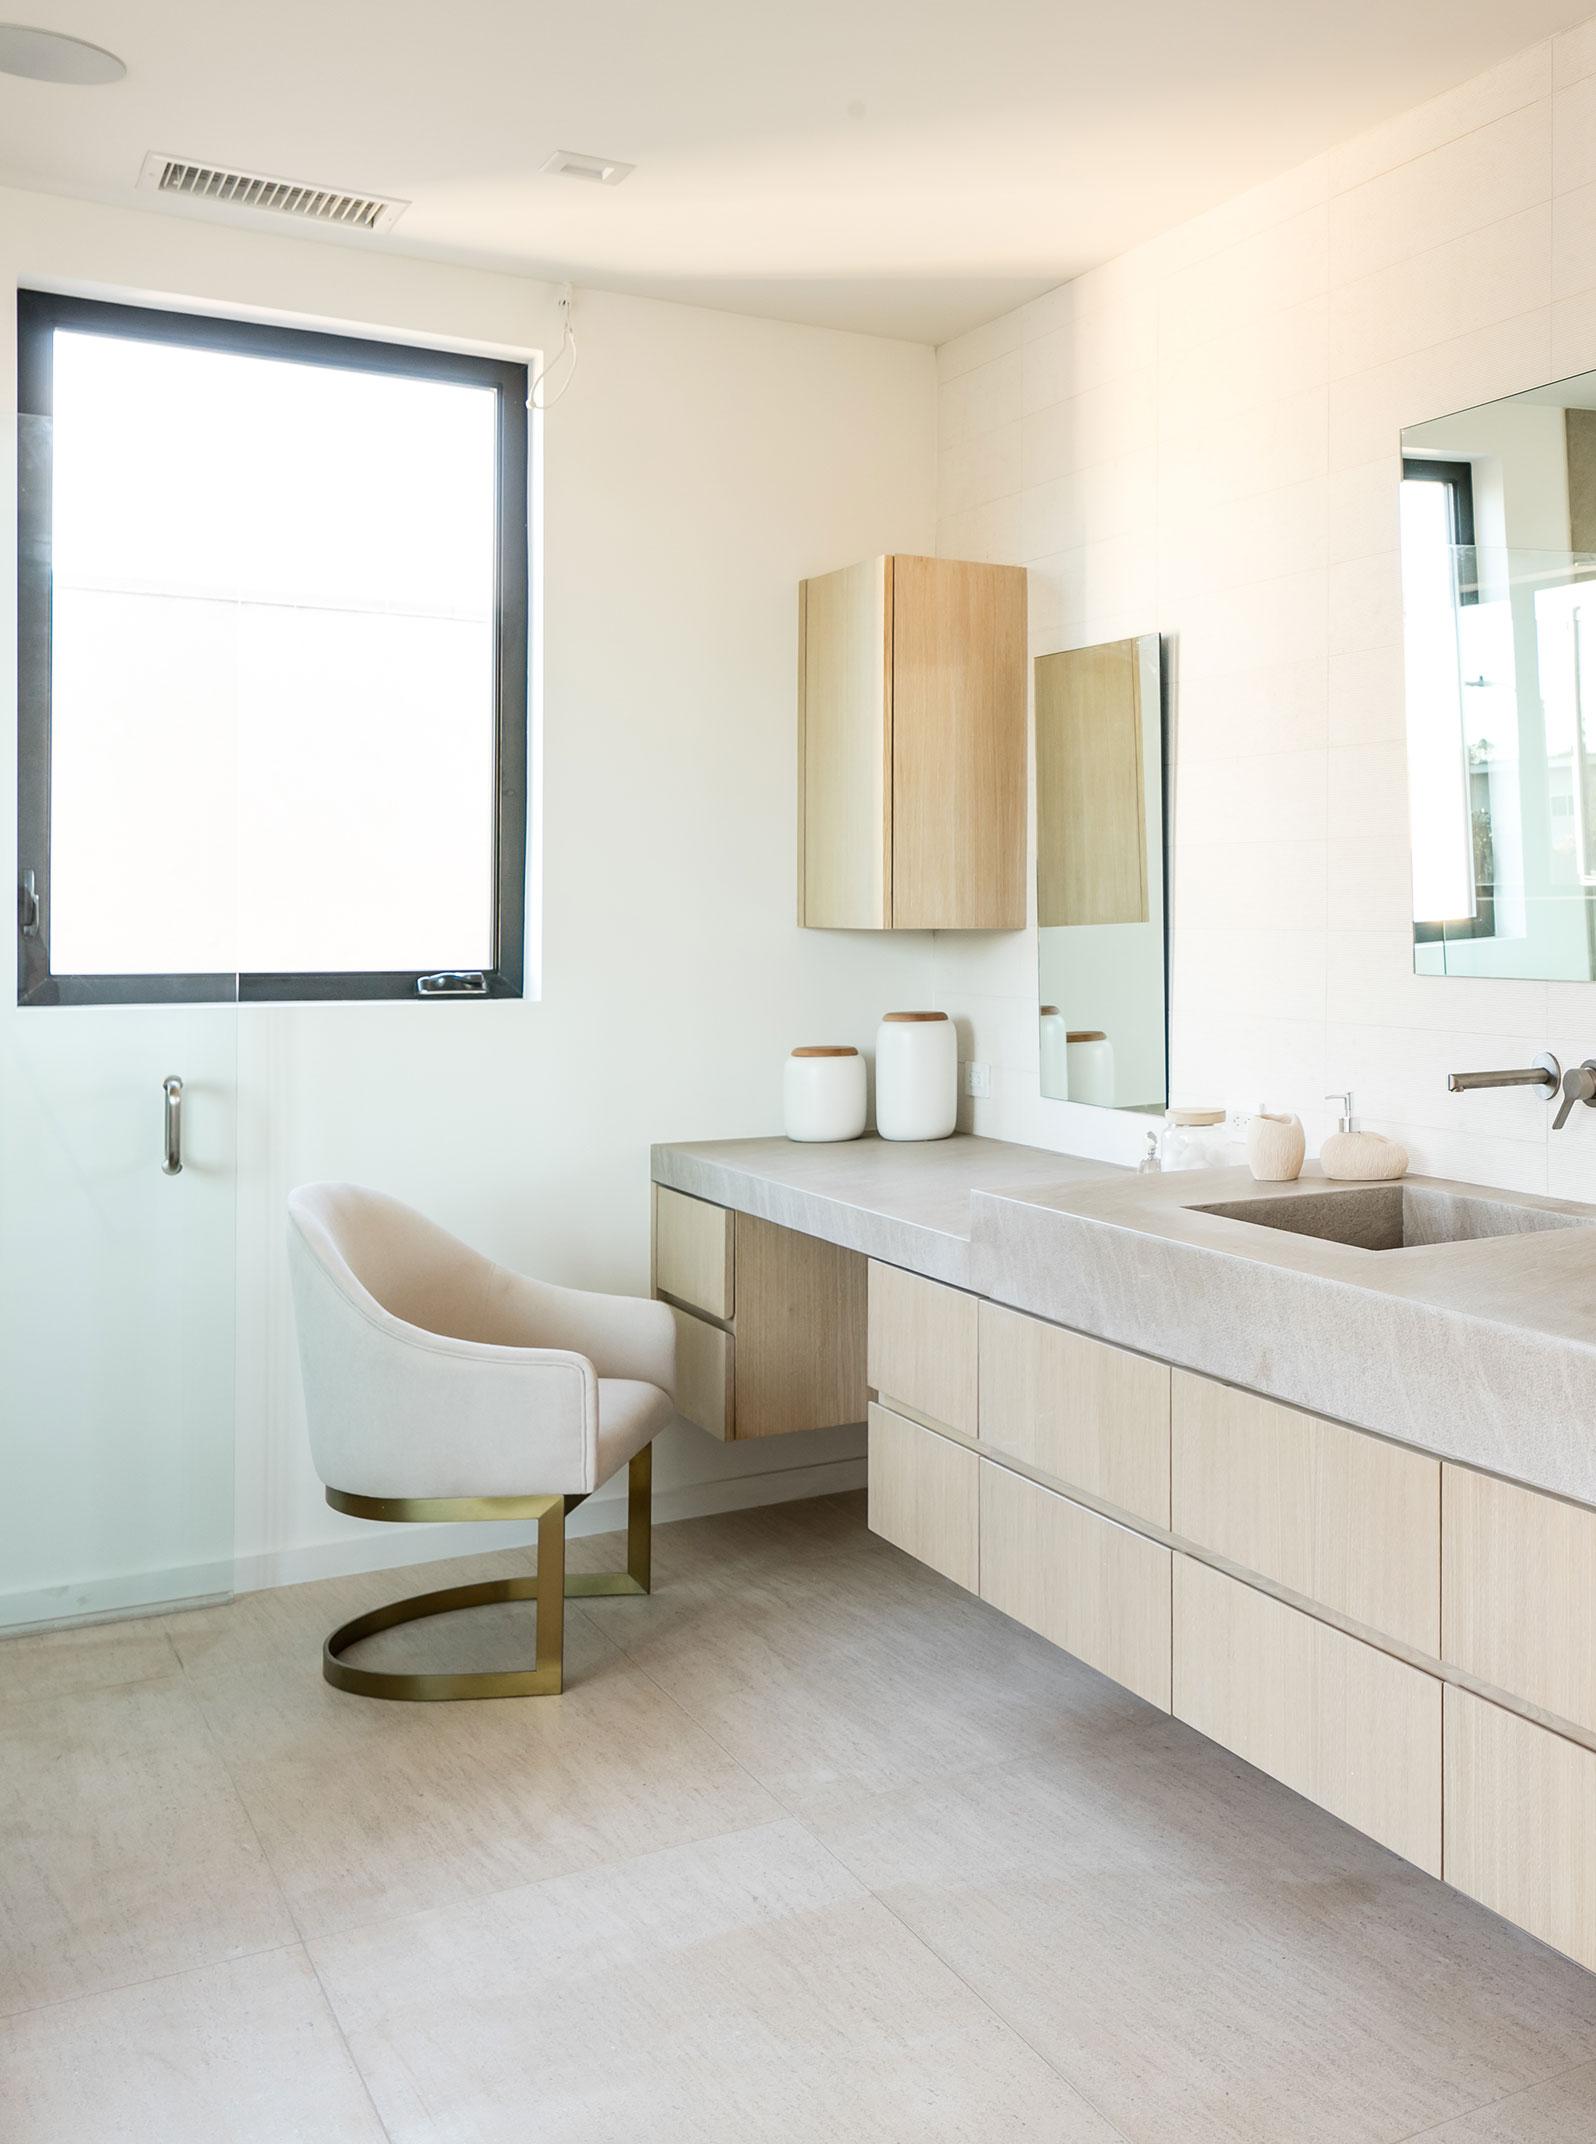 13-Contemporary-Master-Bath-Los-Angeles-SiliconBay.jpg